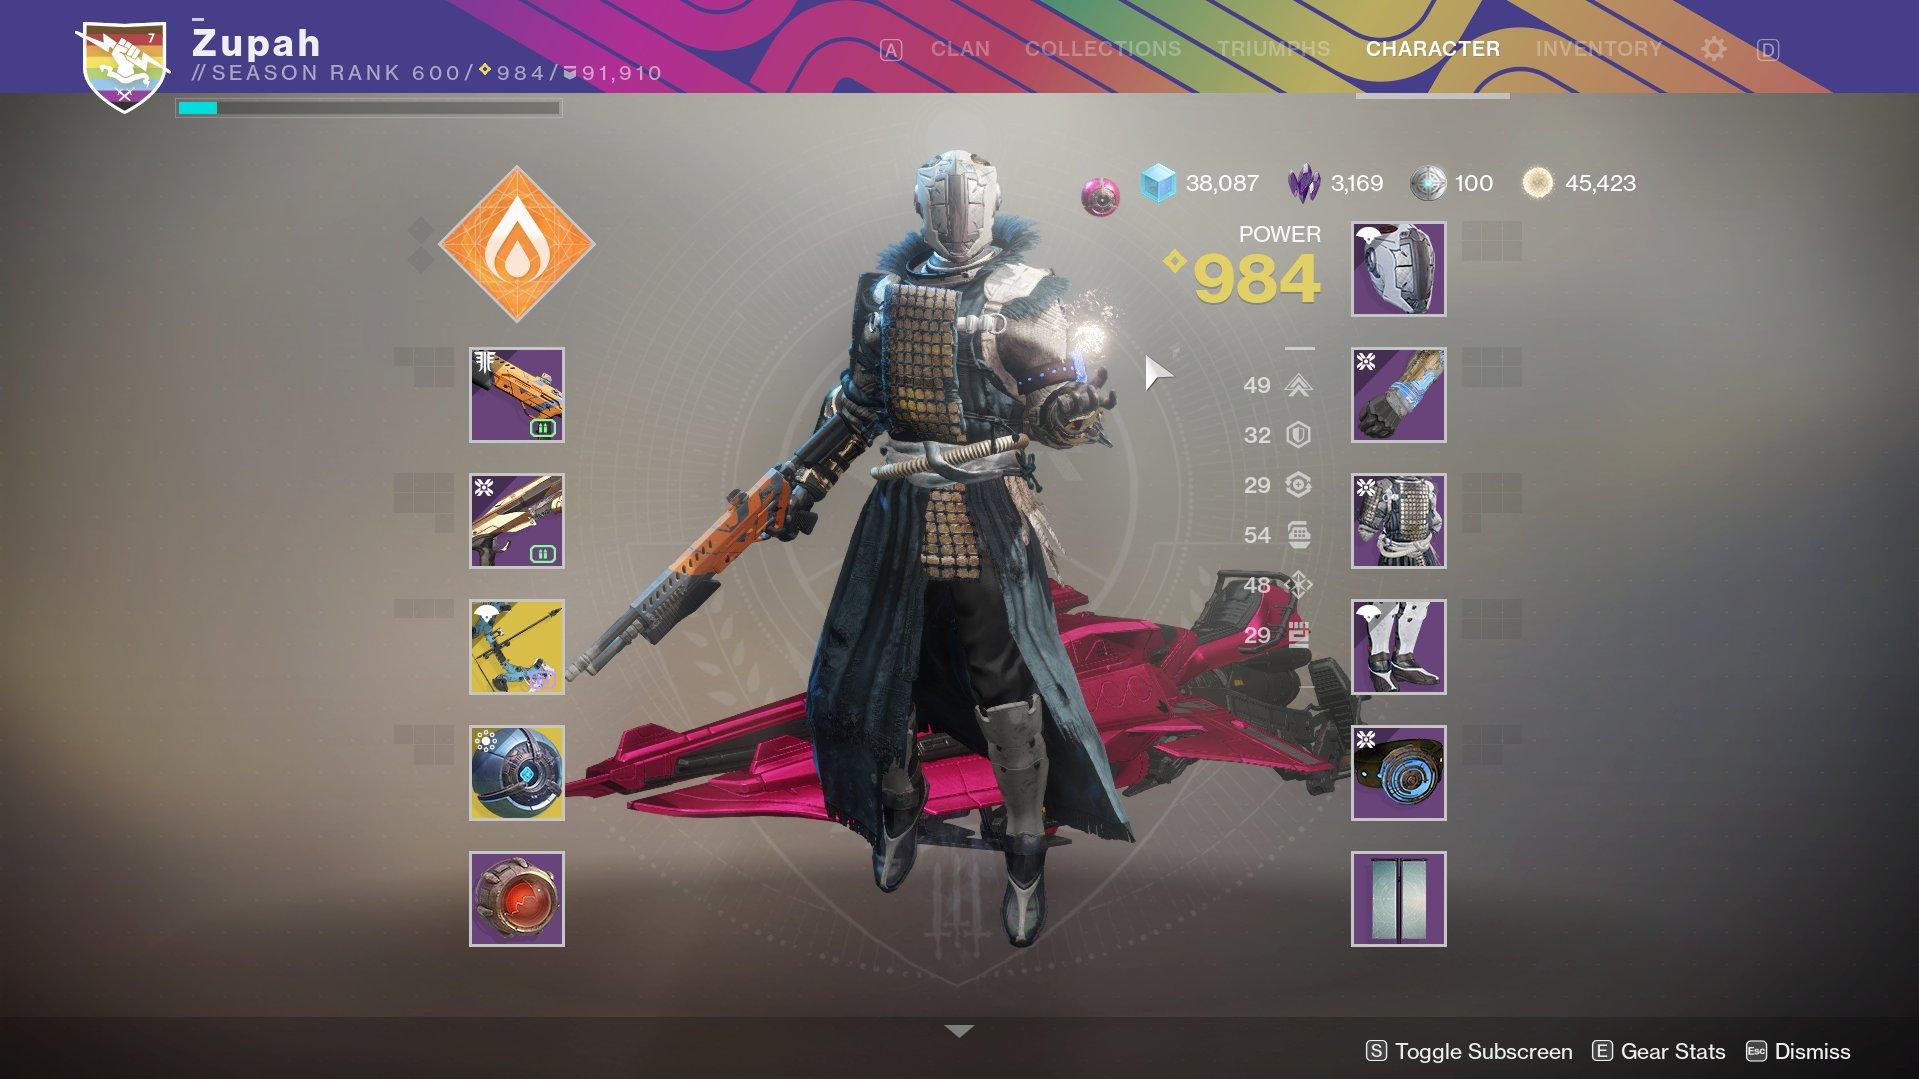 Zupa Power 984 Destiny 2